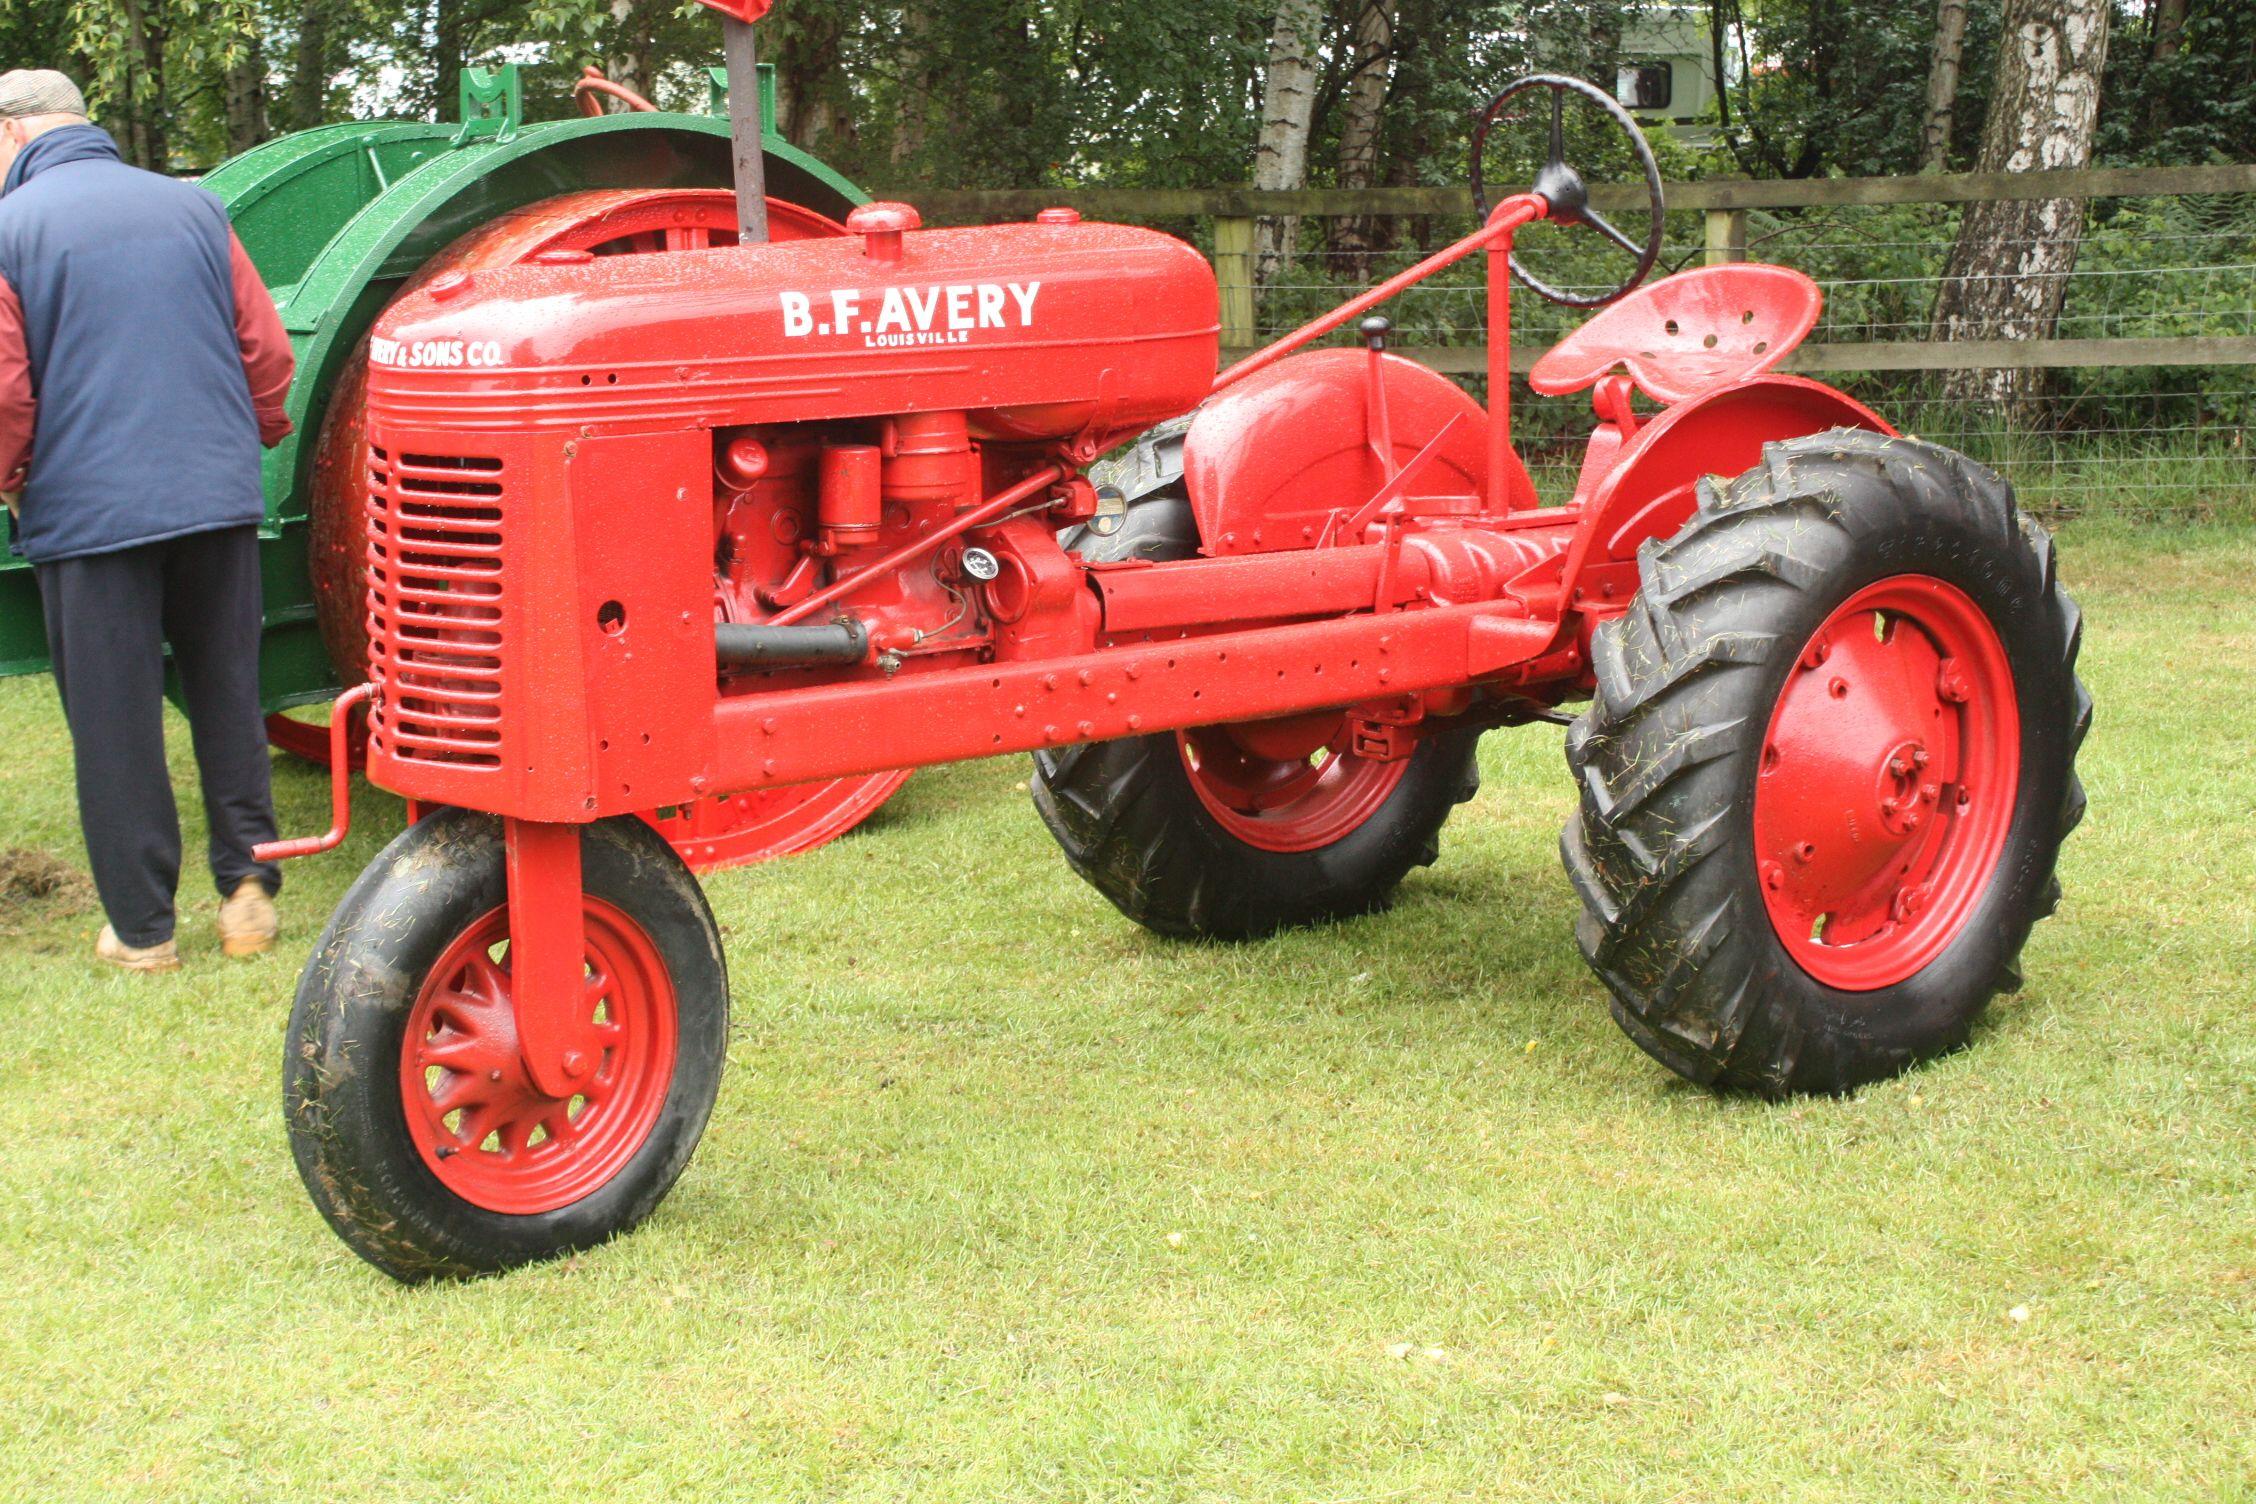 Kubota tractors for sale in kentucky - Tractor